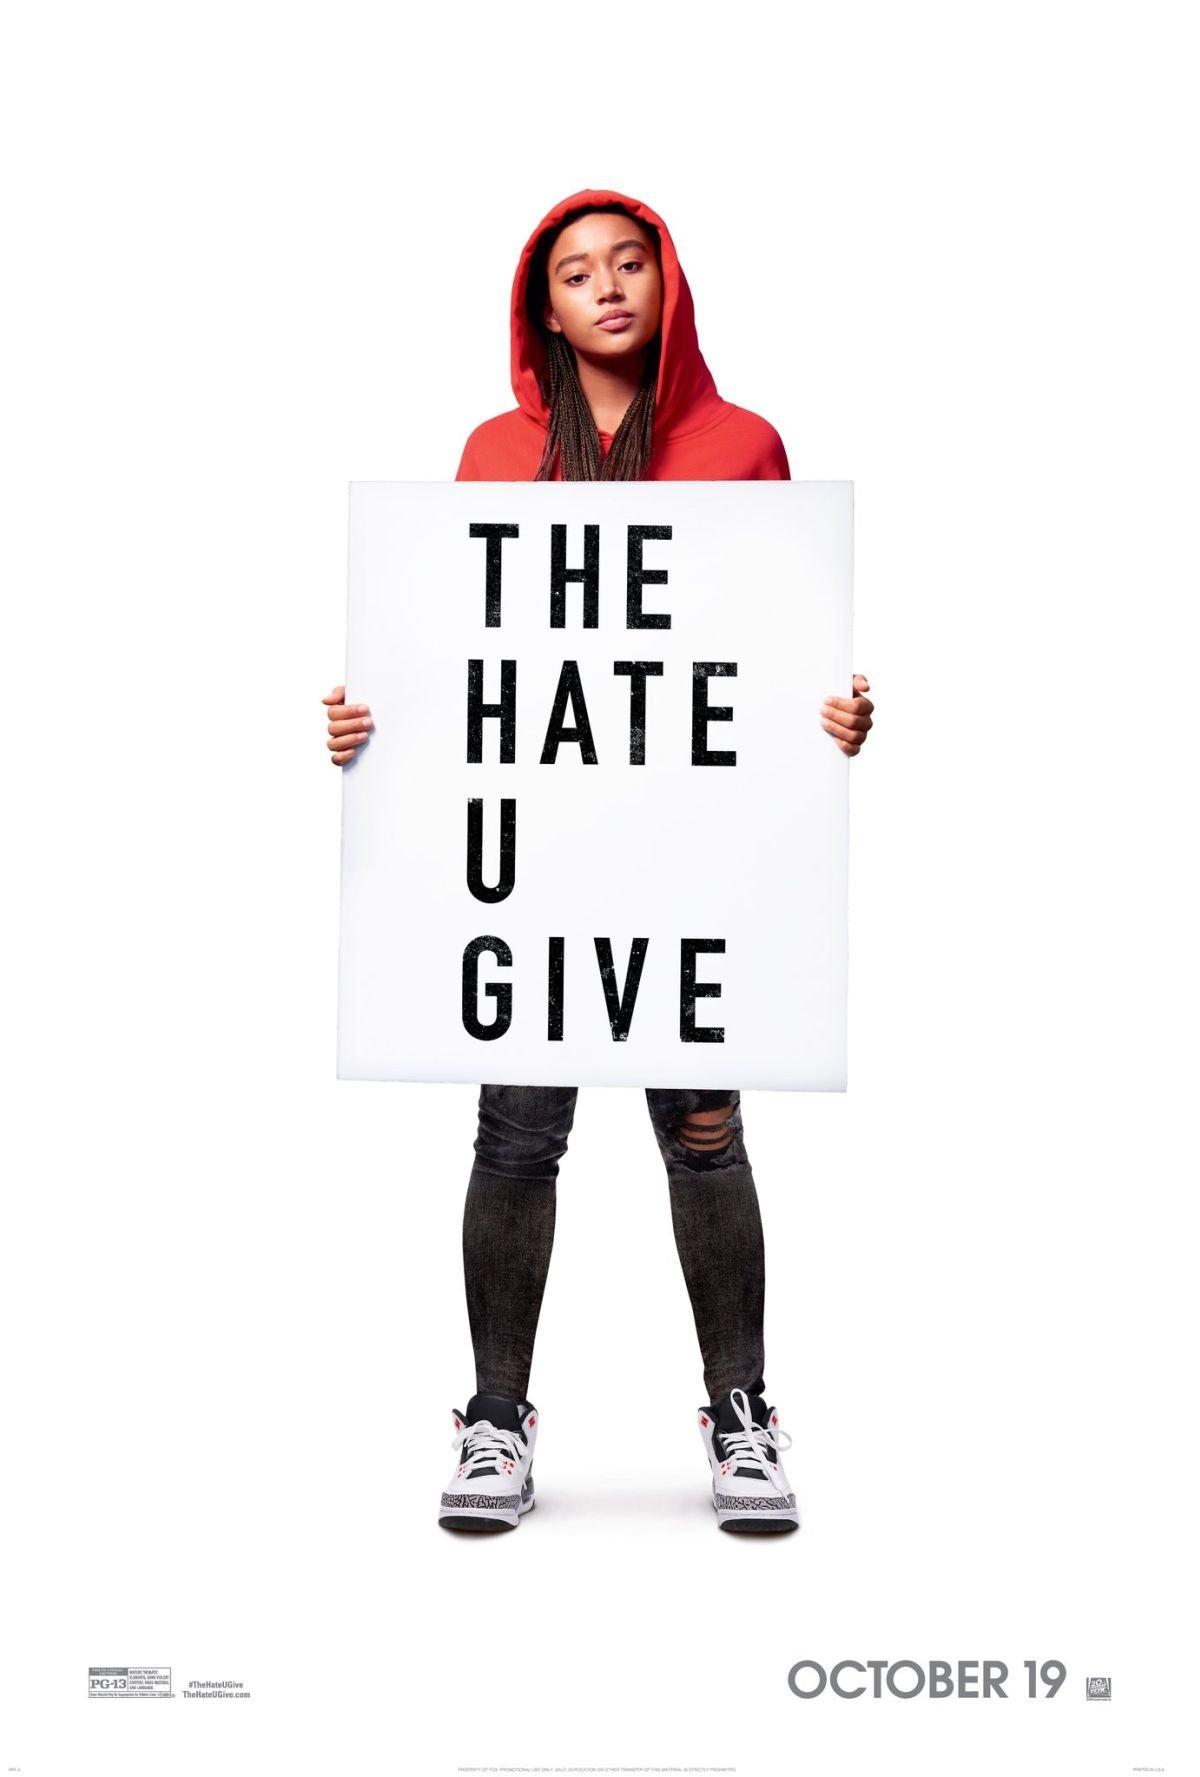 The Hate U Give (2018) หนังดีระดับ 5 ดาว ของปี 2018 ที่ไทยไม่นำเข้าฉายในโรง